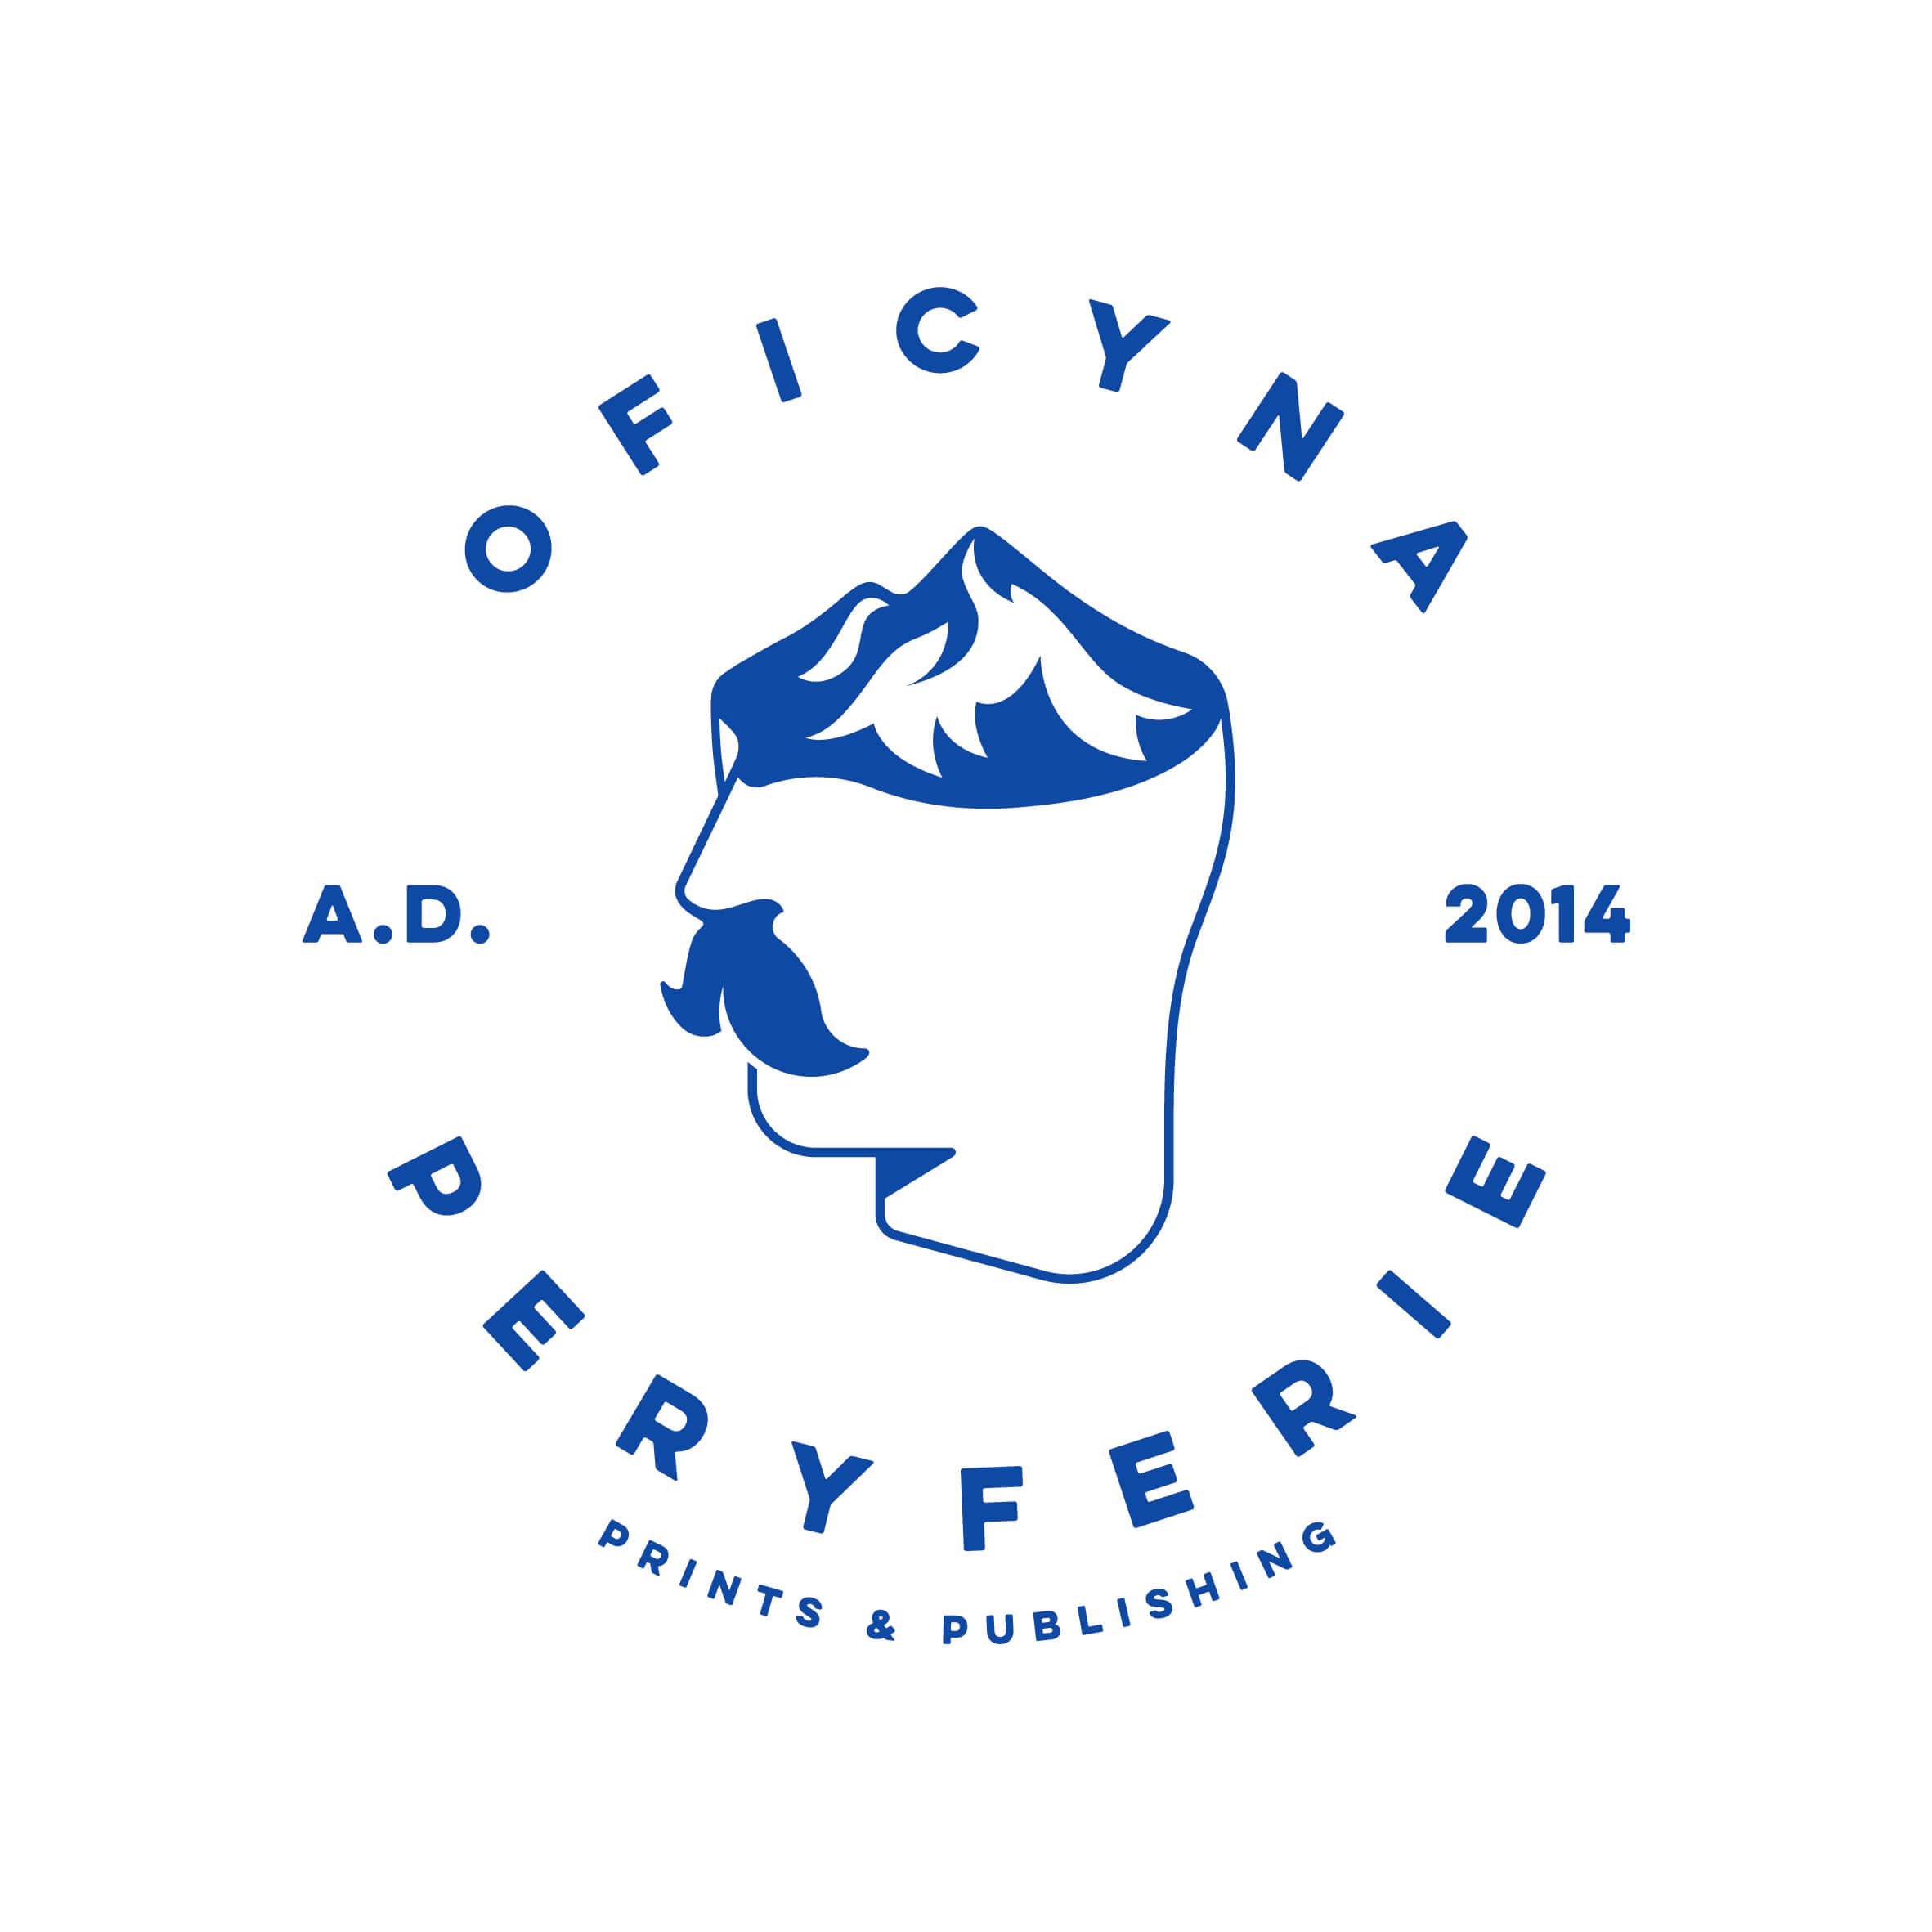 Oficyna Peryferie - logo